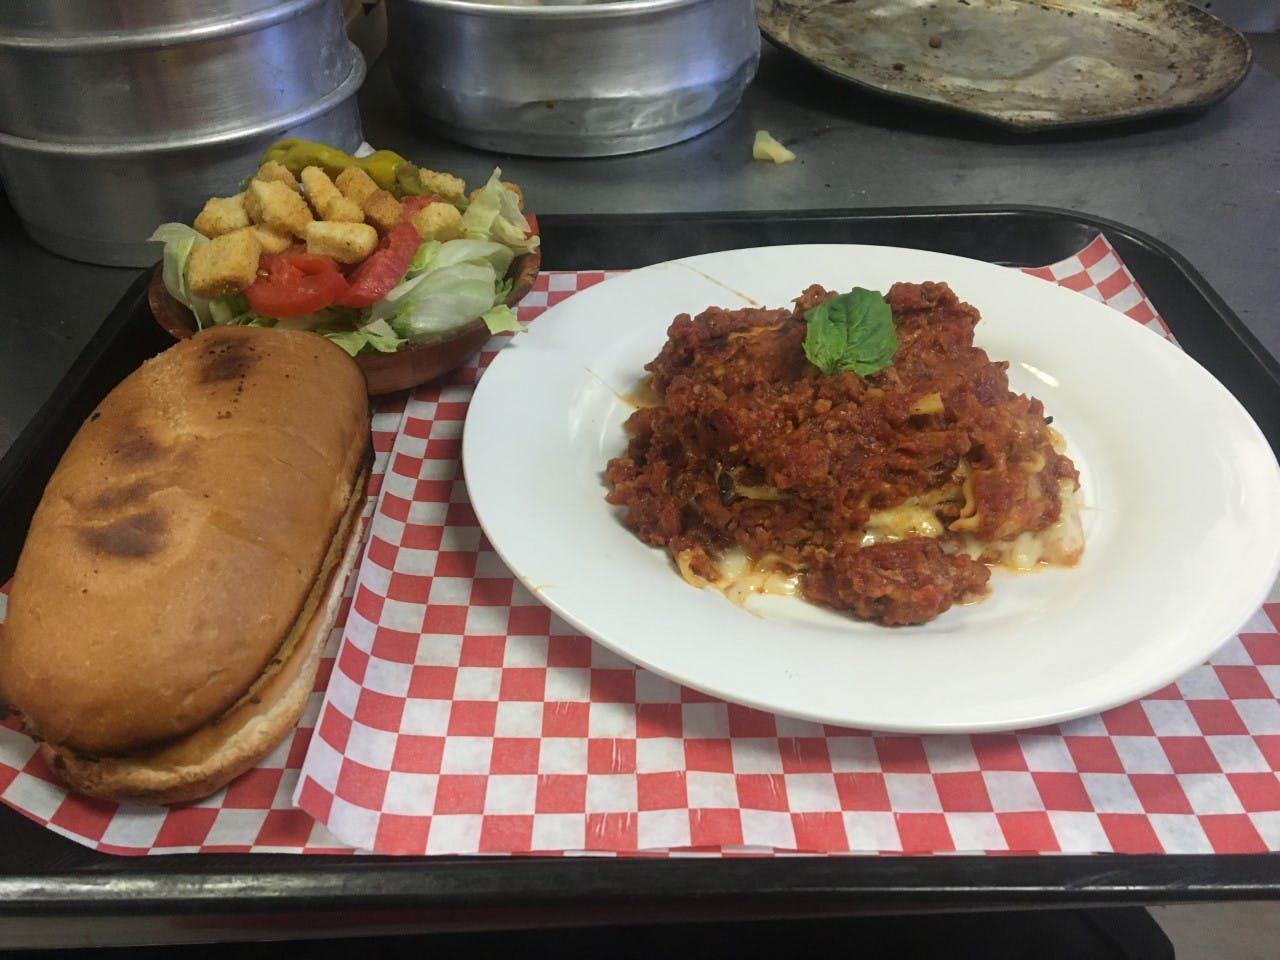 Lasagna (our specialty)